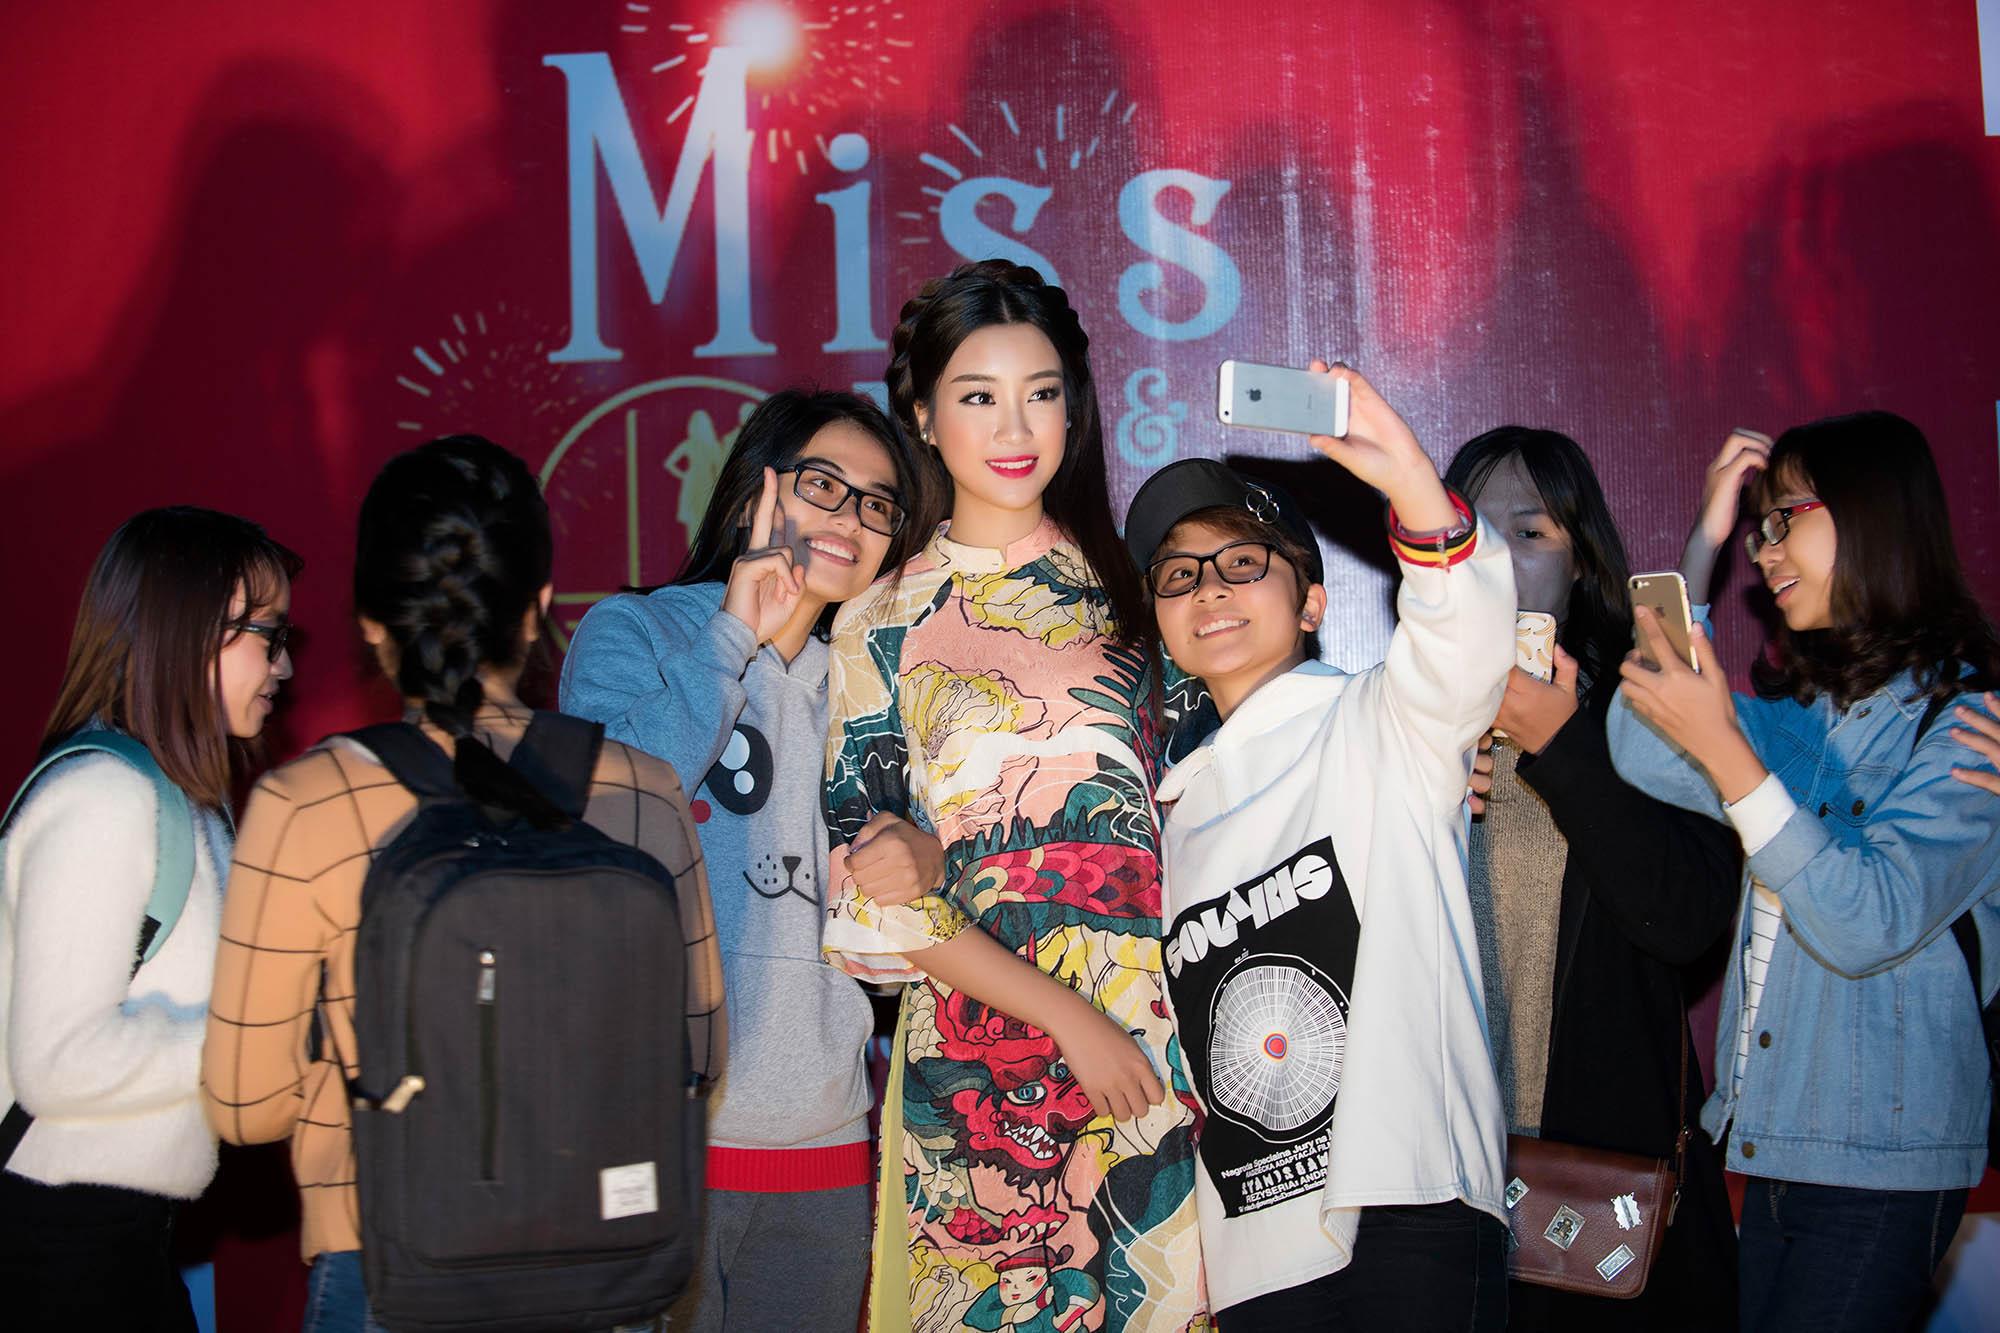 Hoa hậu Mỹ Linh đẹp không tỳ vết khi đi chấm thi nhan sắc 2